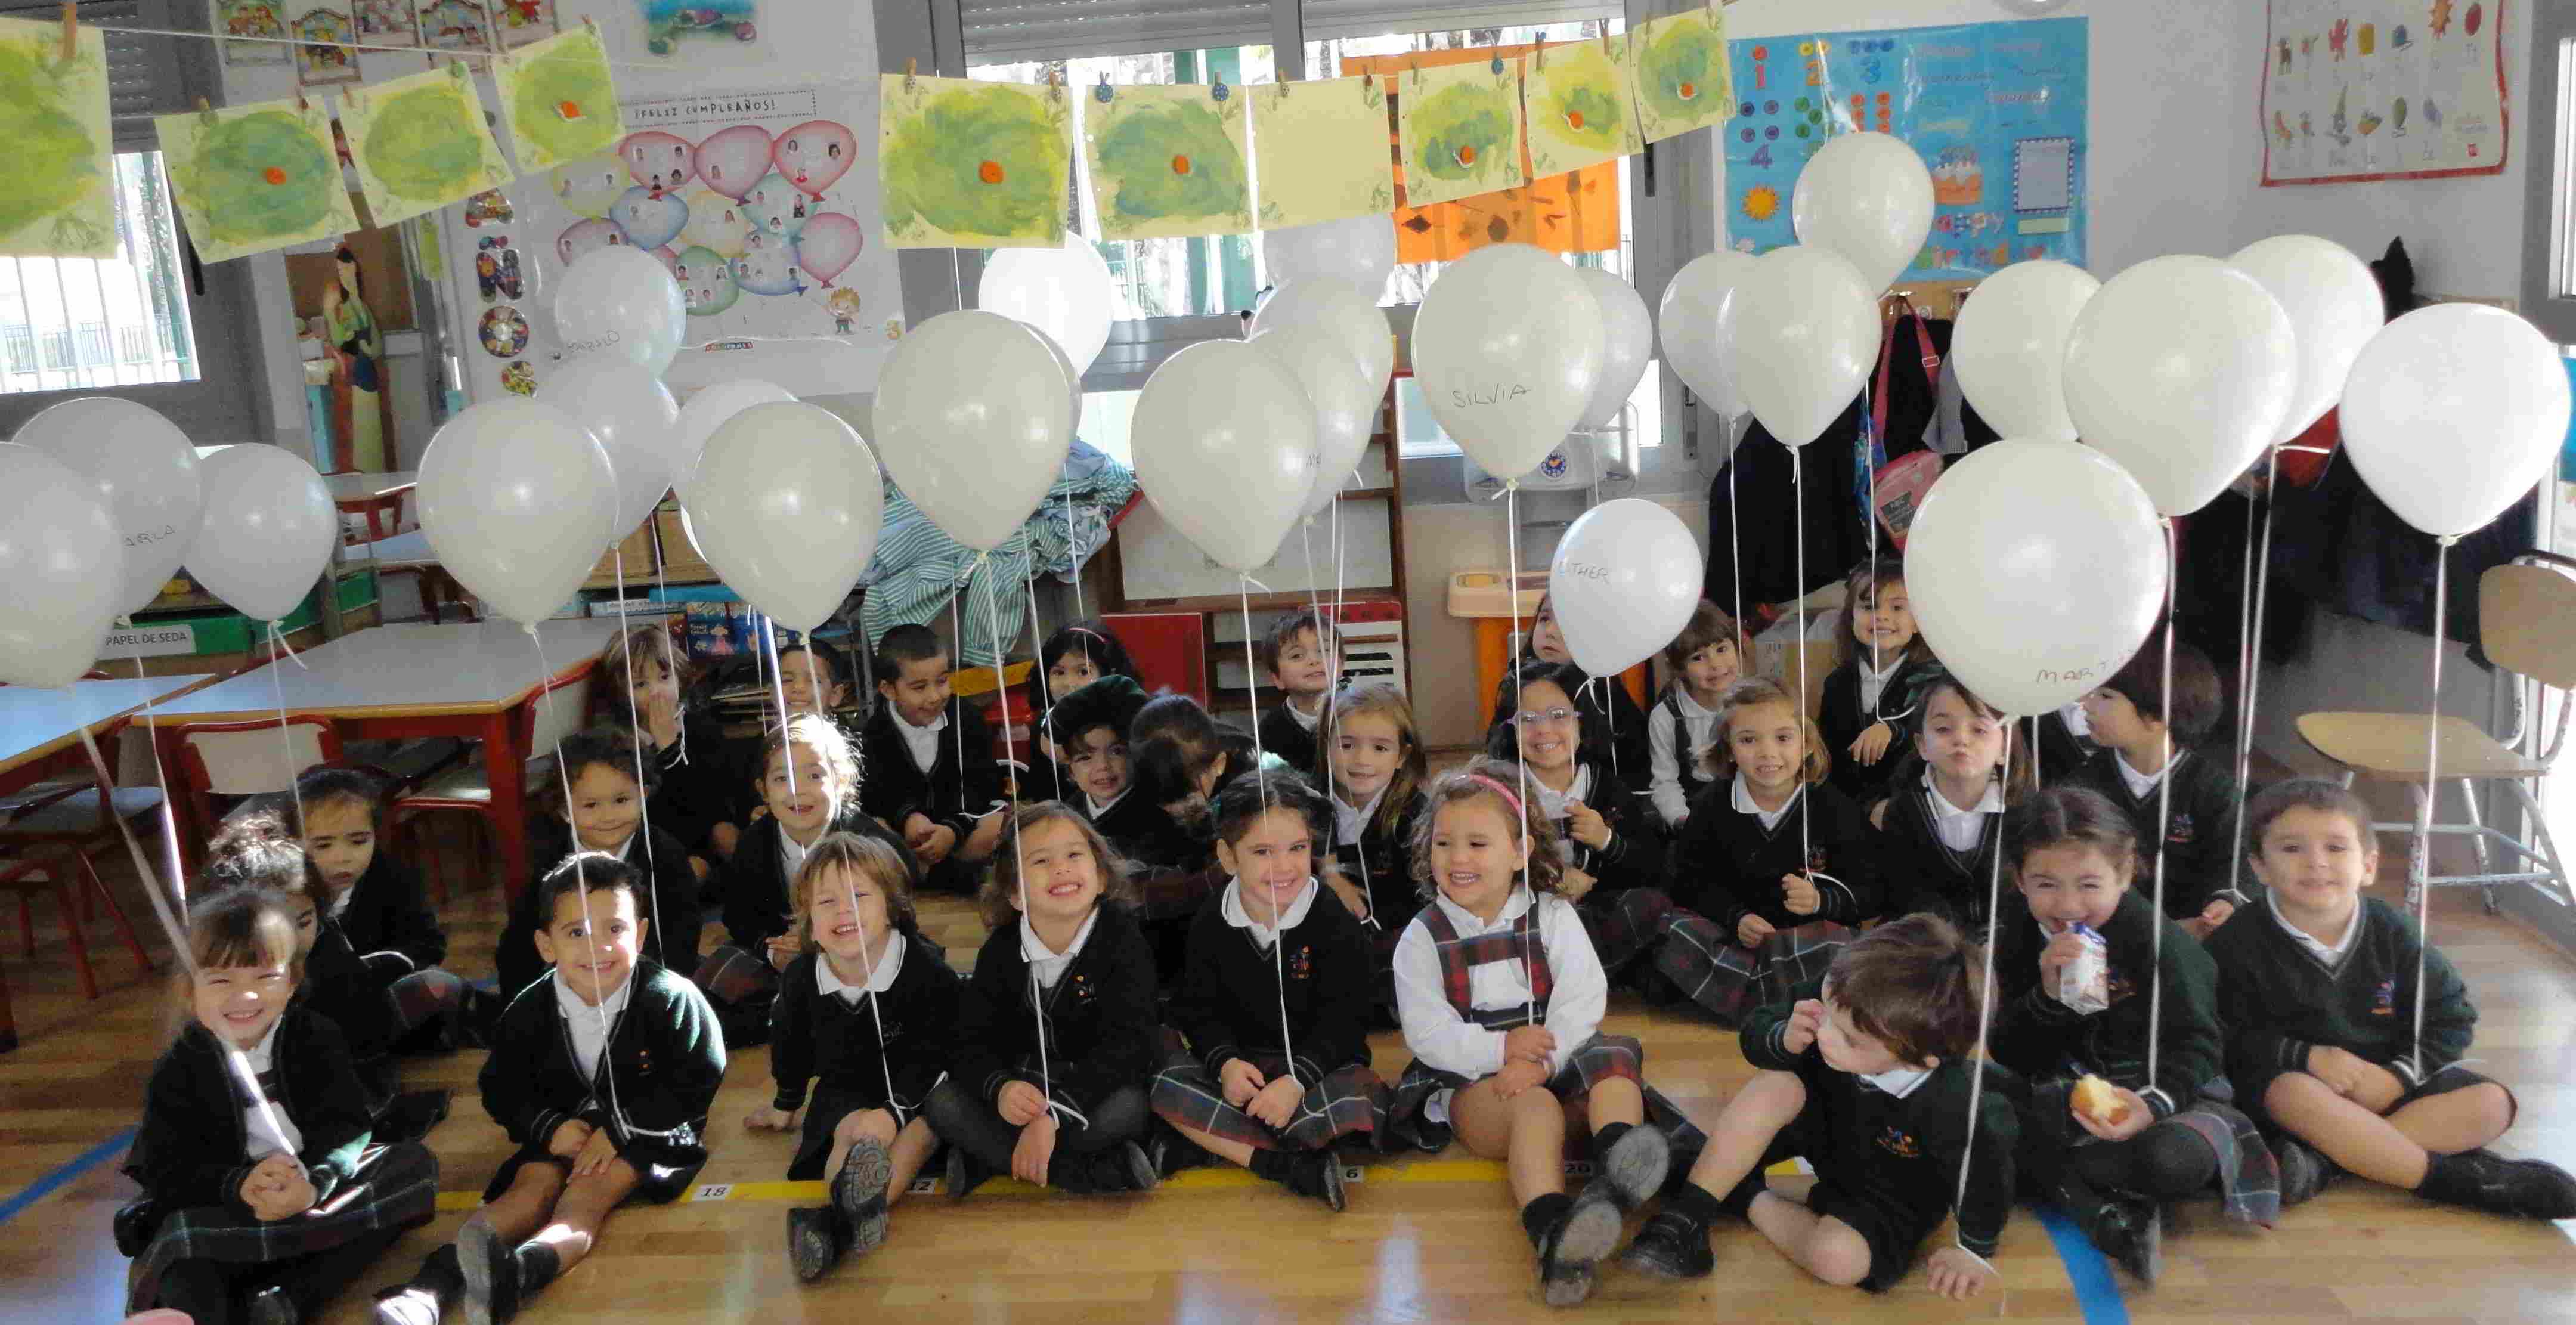 Oferta educativa -infantil - Colegio Santa María